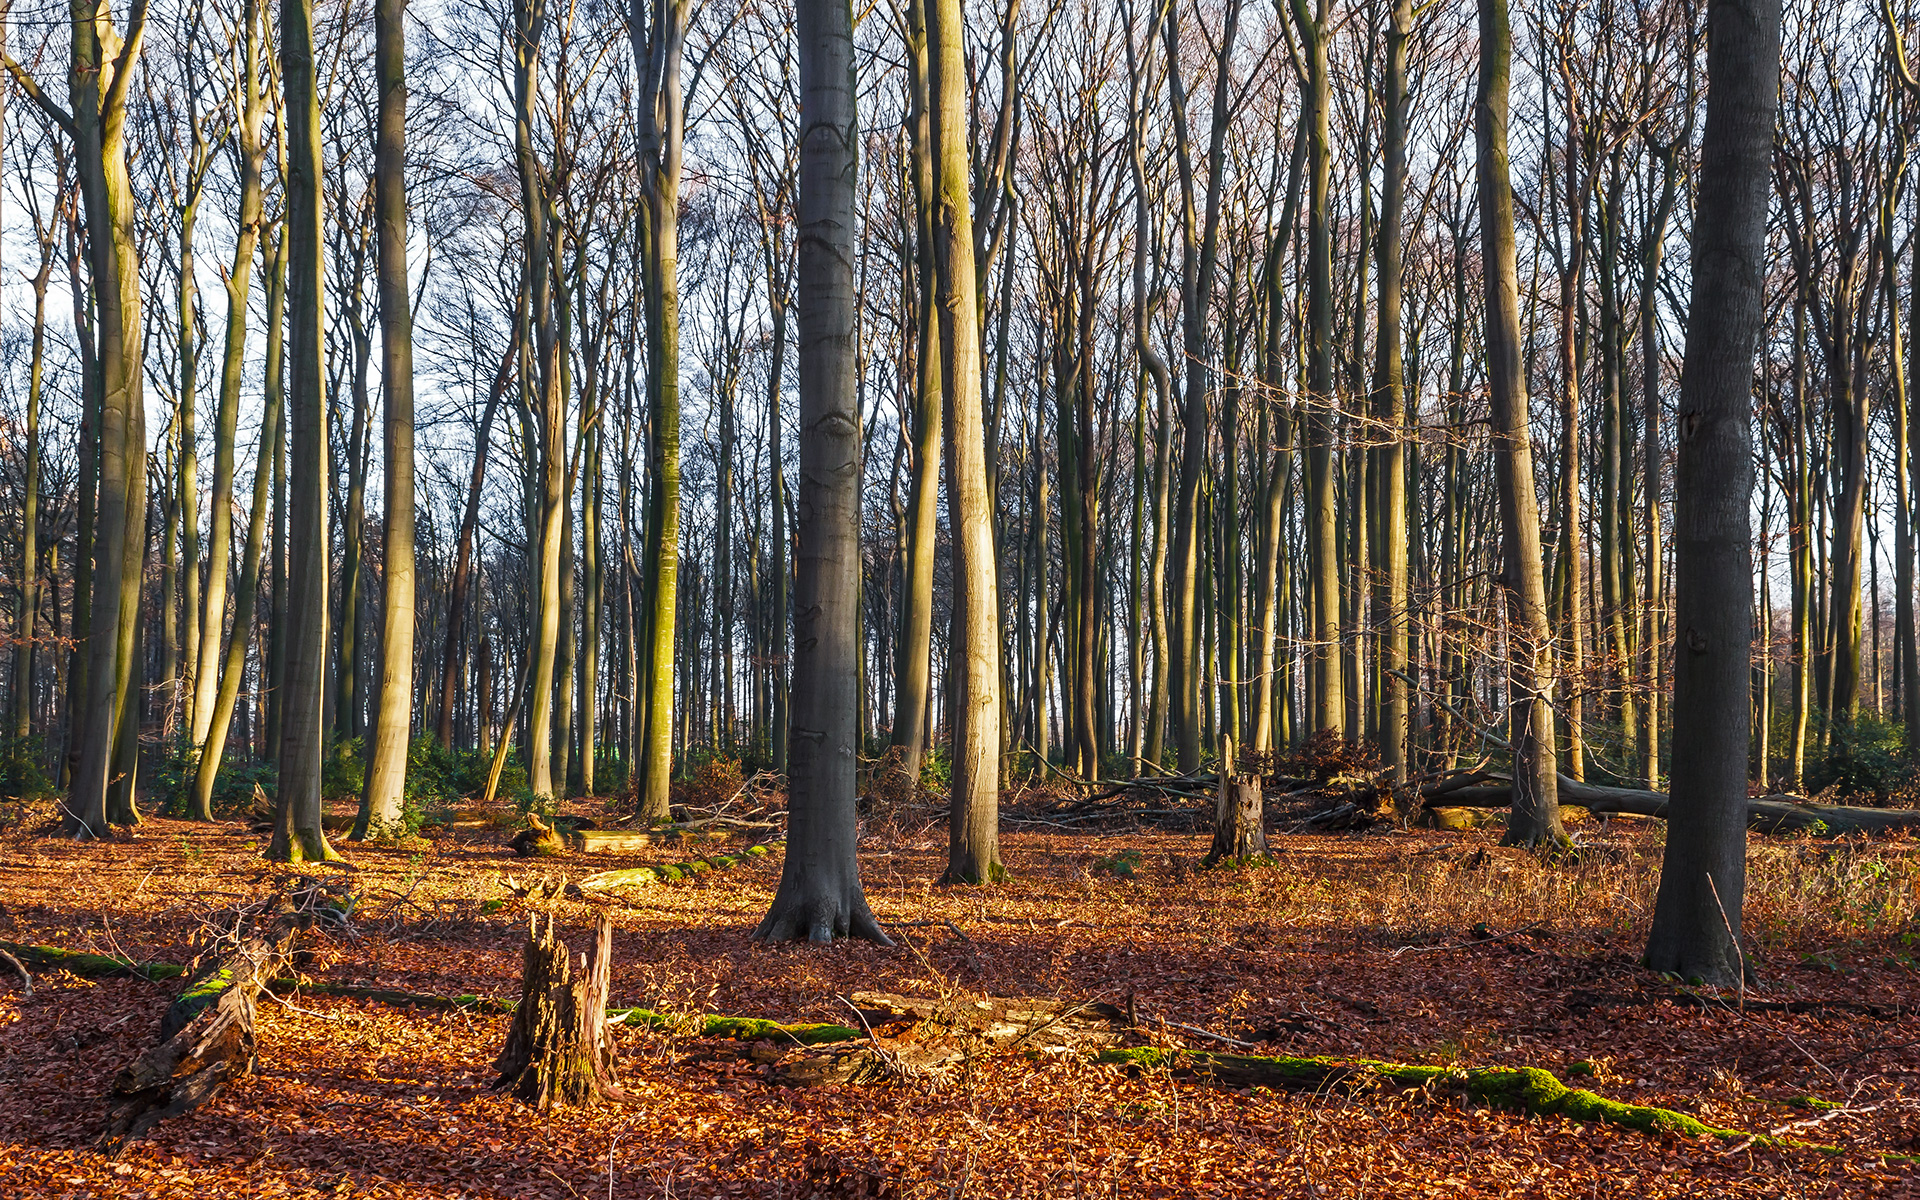 Buchenhallenwald mit immergrünen Stechpalmen im Hintergrund